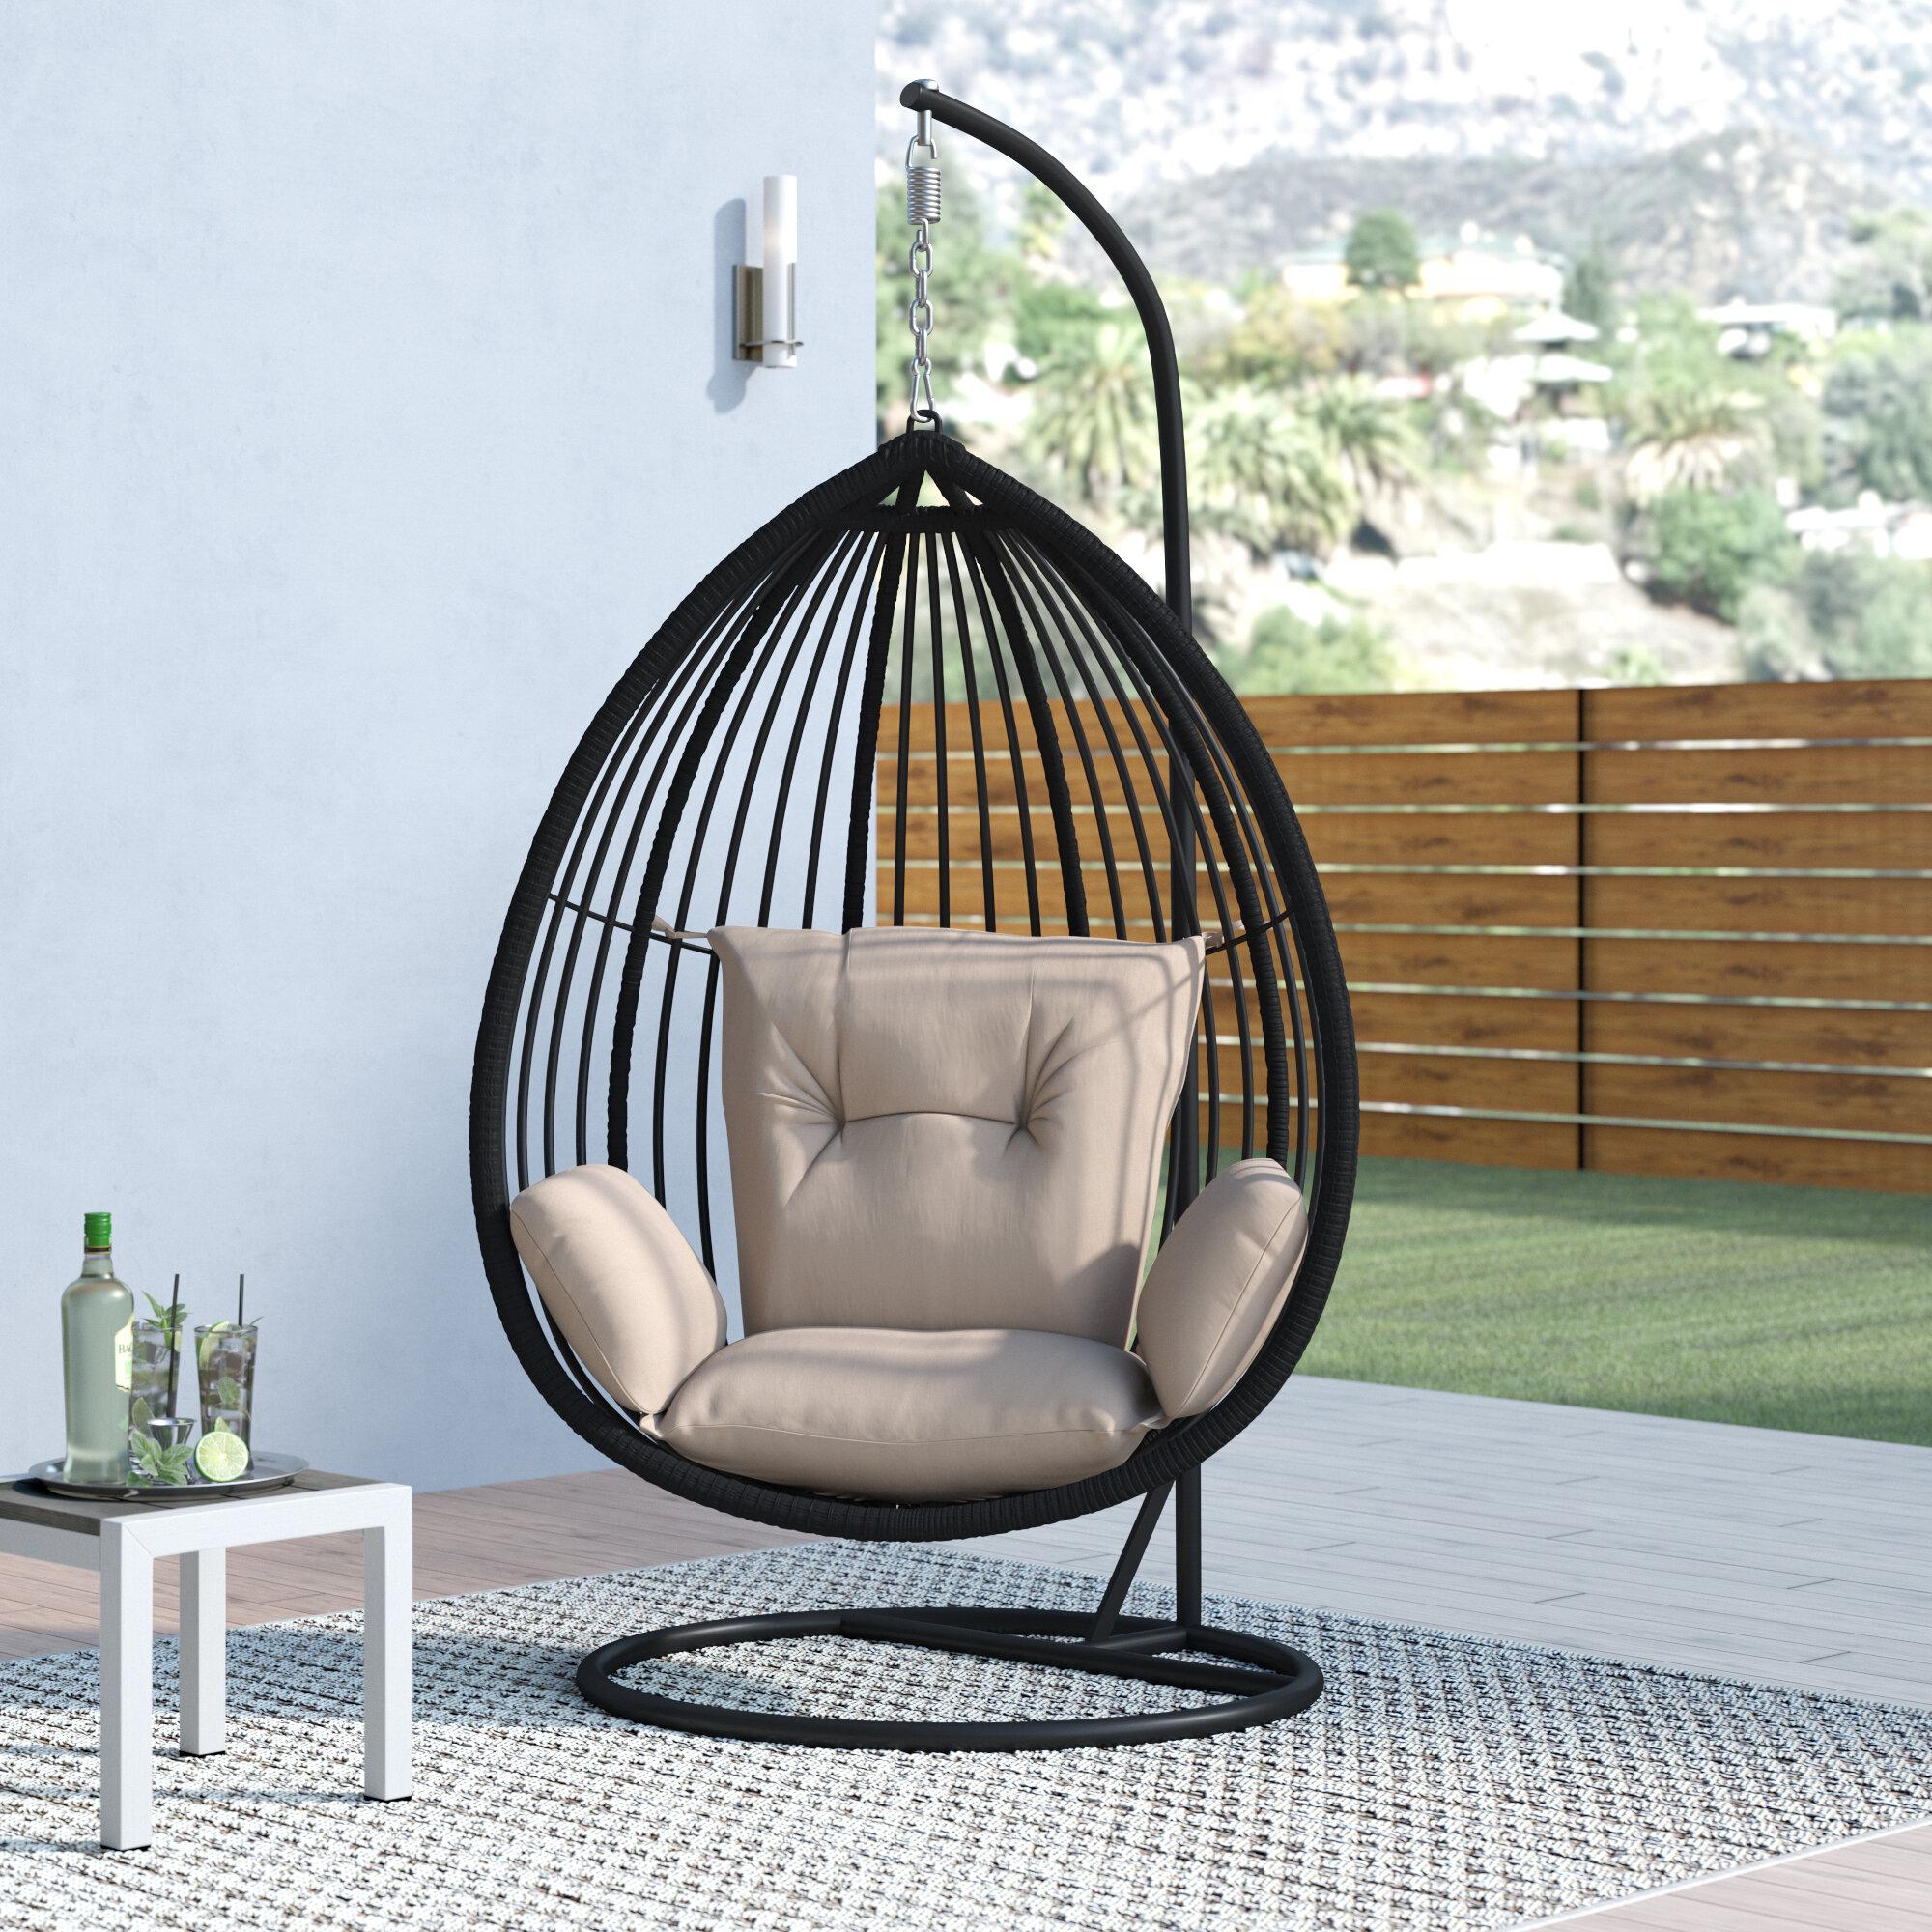 & Orren Ellis Audra Swing Chair with Stand u0026 Reviews | Wayfair